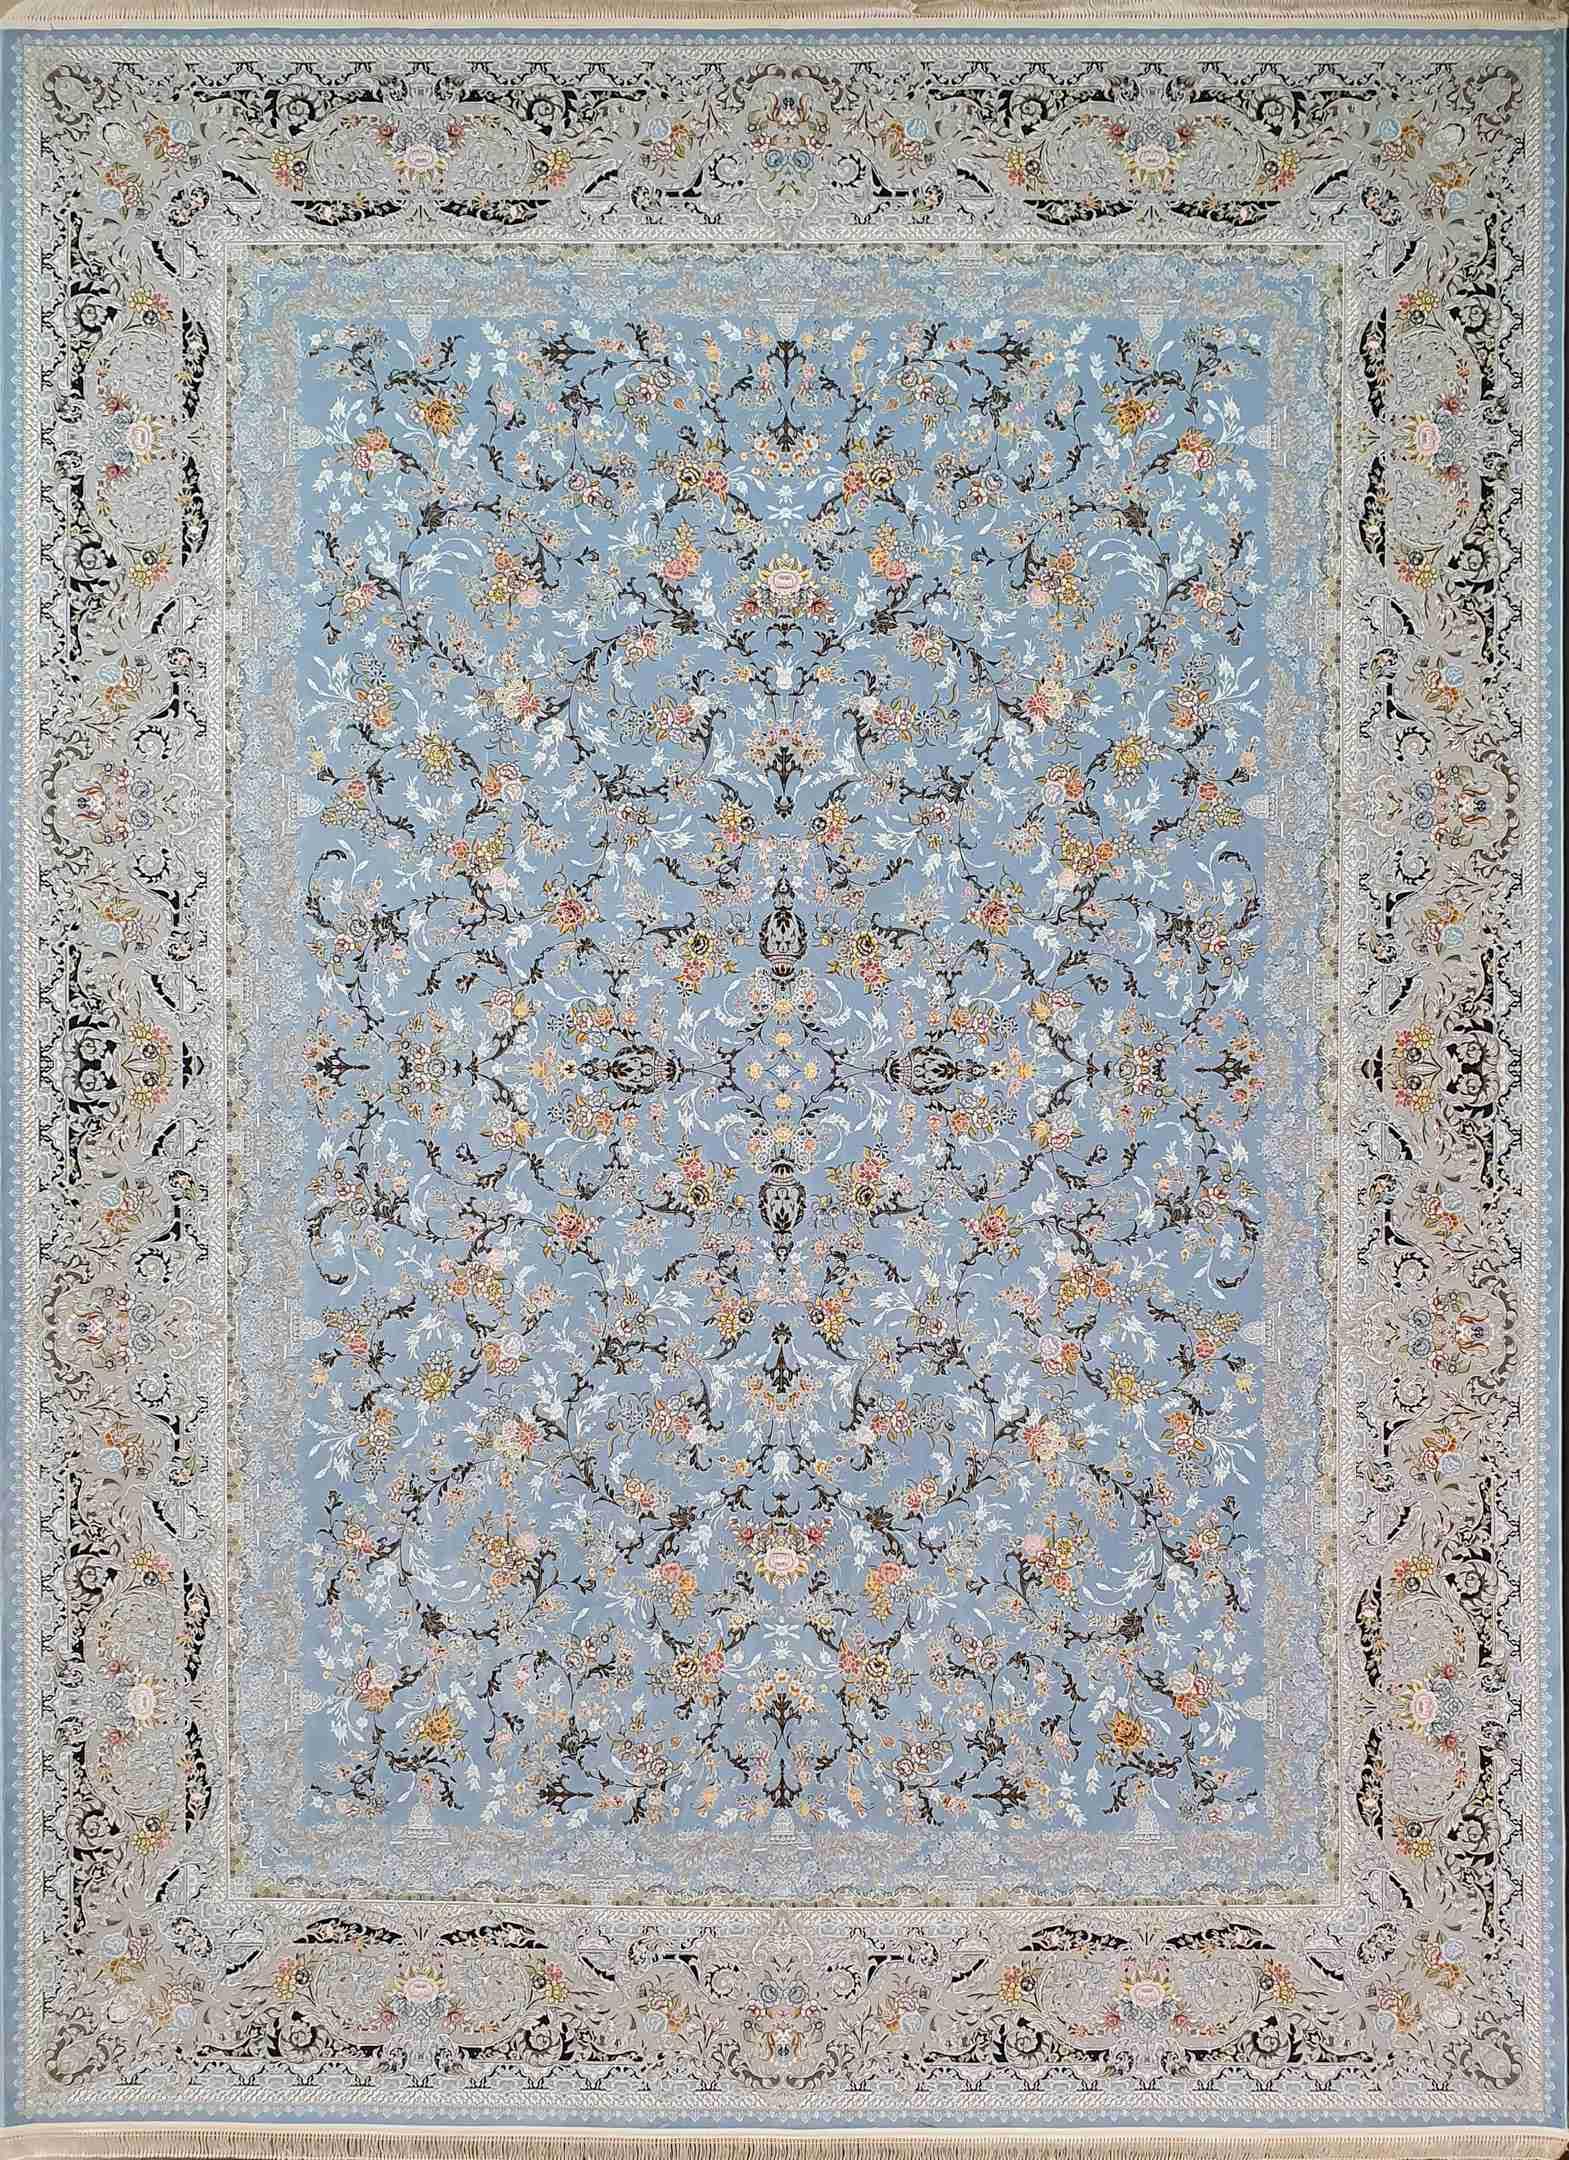 فرش افشان آبی نقشه روژان 1500 شانه